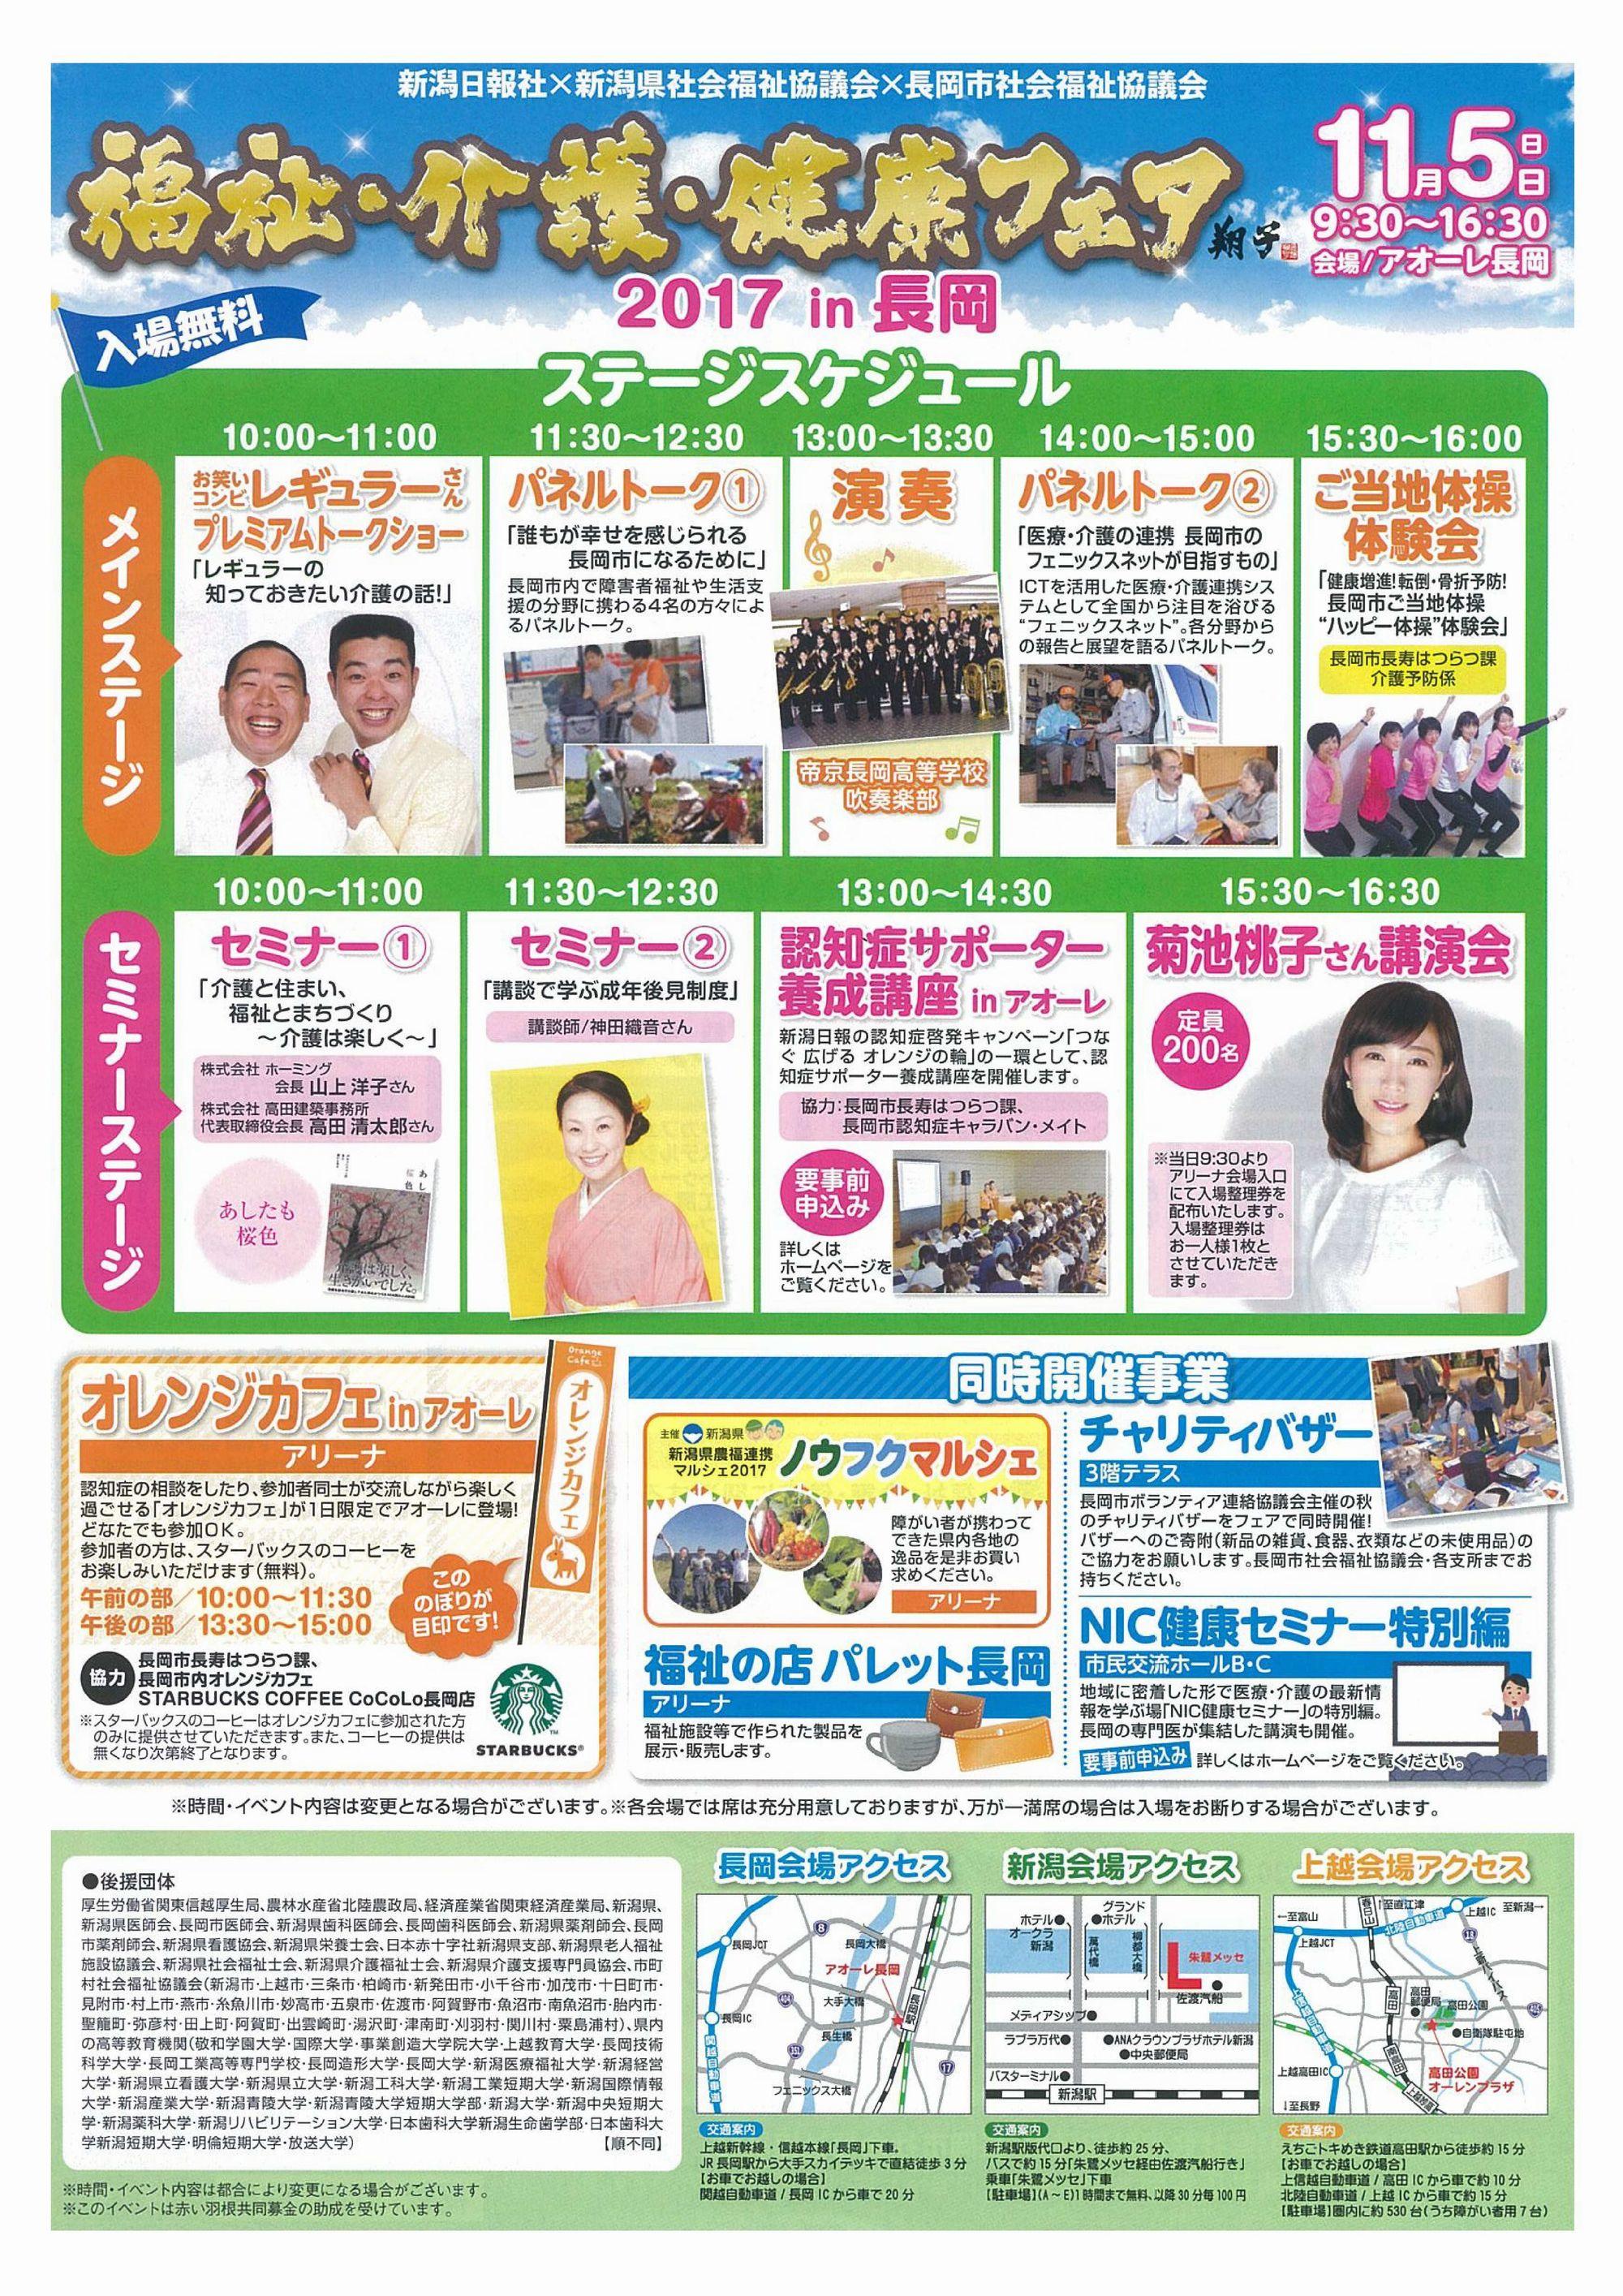 福祉・介護・健康フェア 2